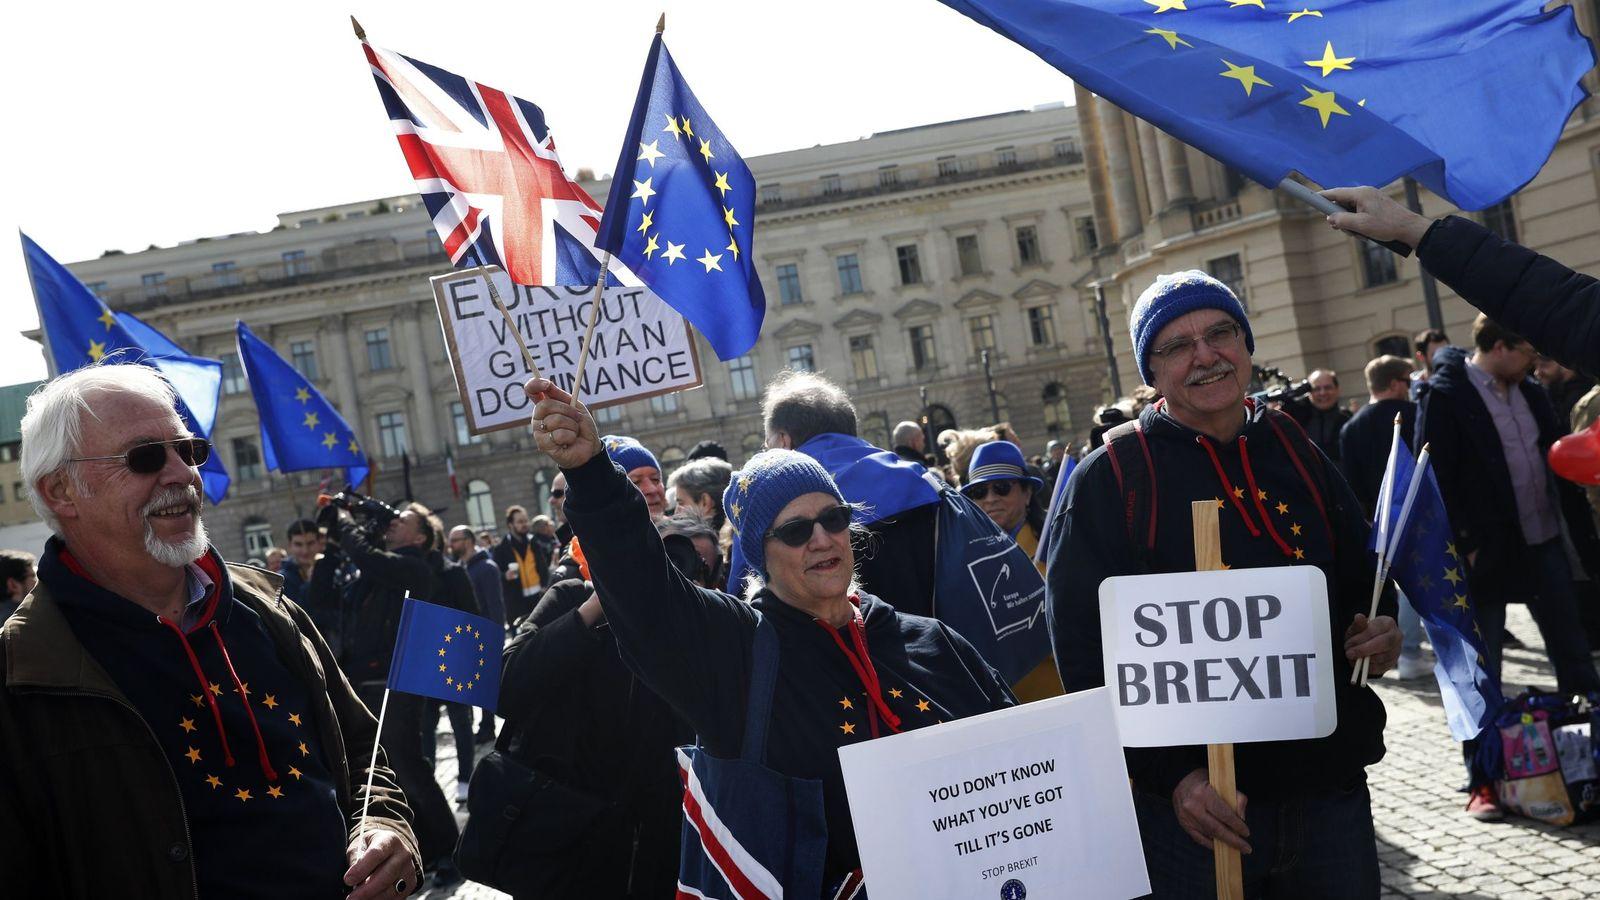 Foto: Ciudadanos europeos se manifiestan en contra del Brexit en Berlín. (Reuters)